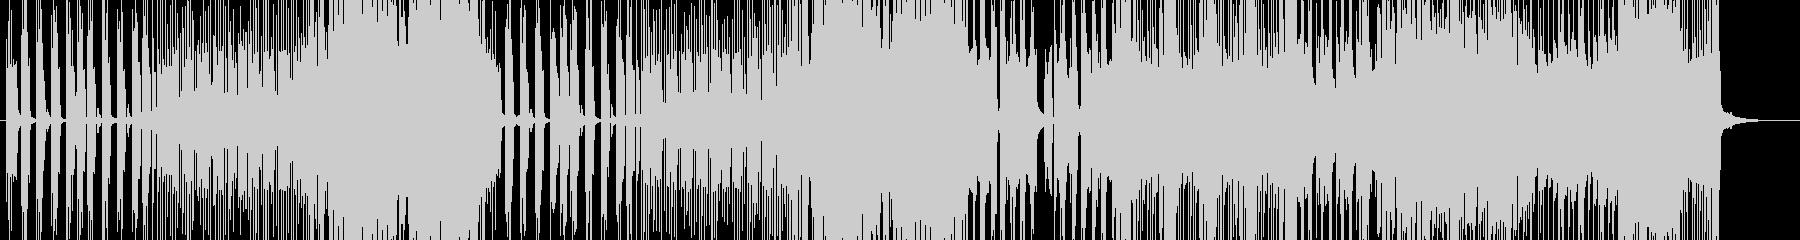 「ハード/ヘヴィ/ダーク」BGM68の未再生の波形